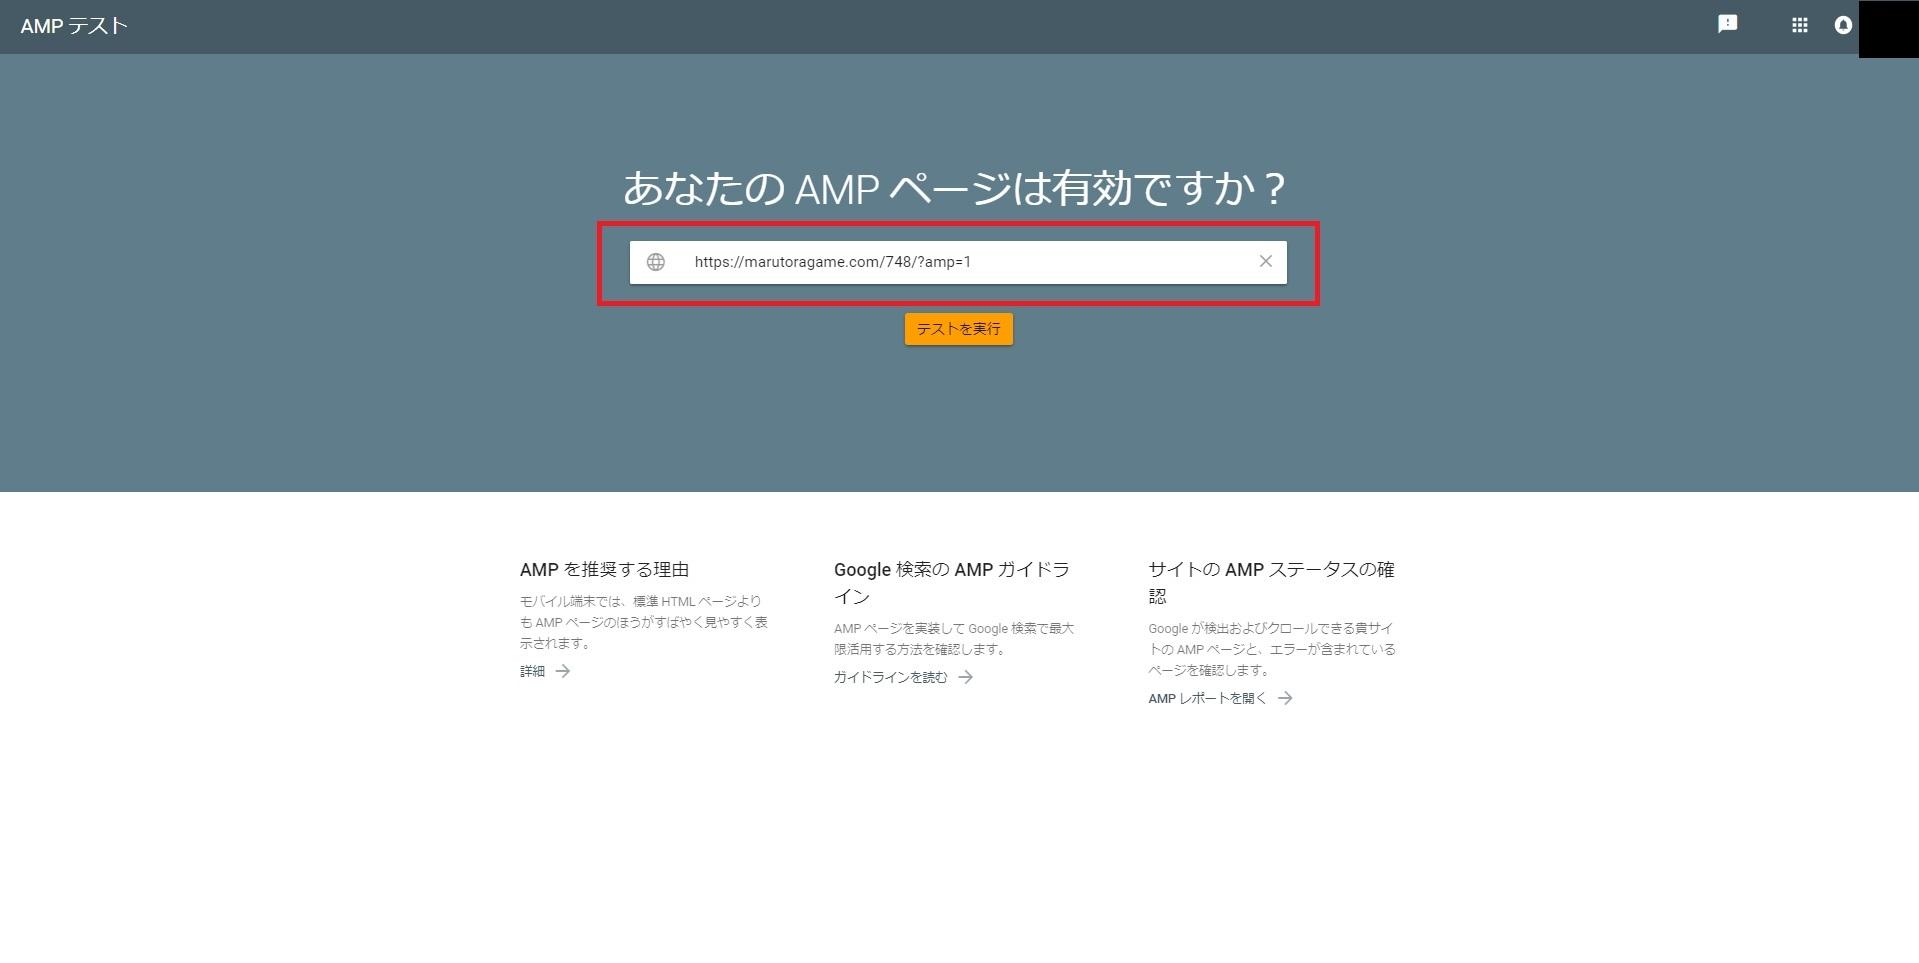 AMPページの確認